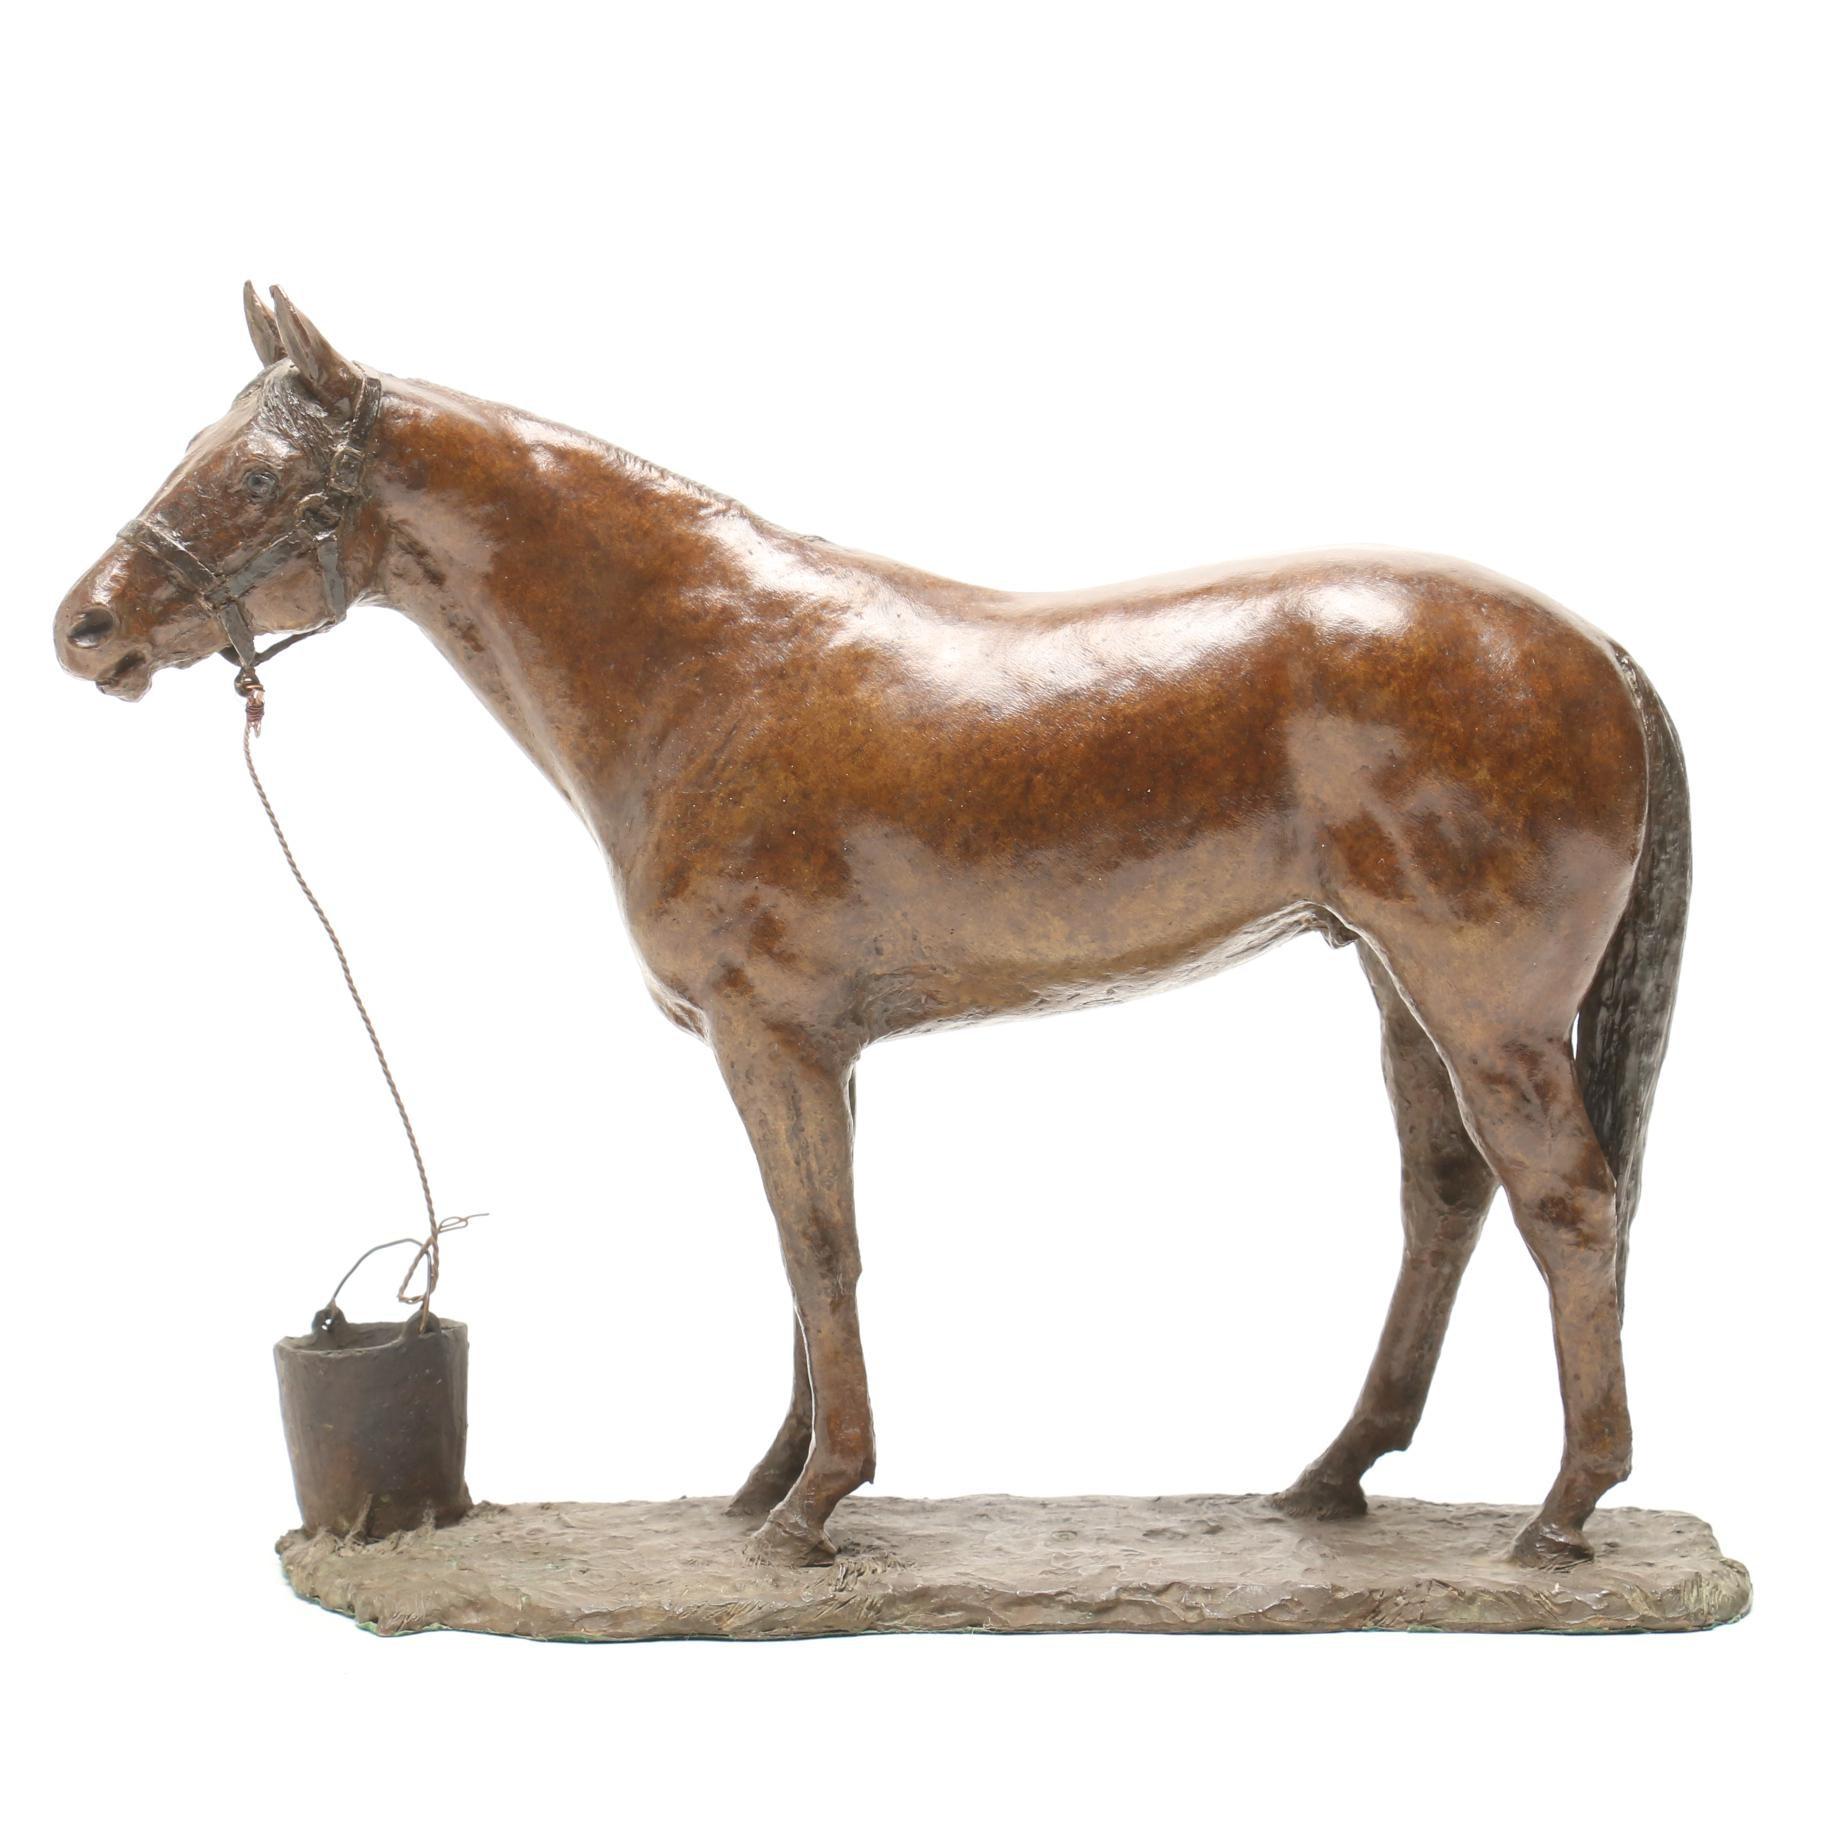 Bronze Sculpture of a Horse by June Hanah